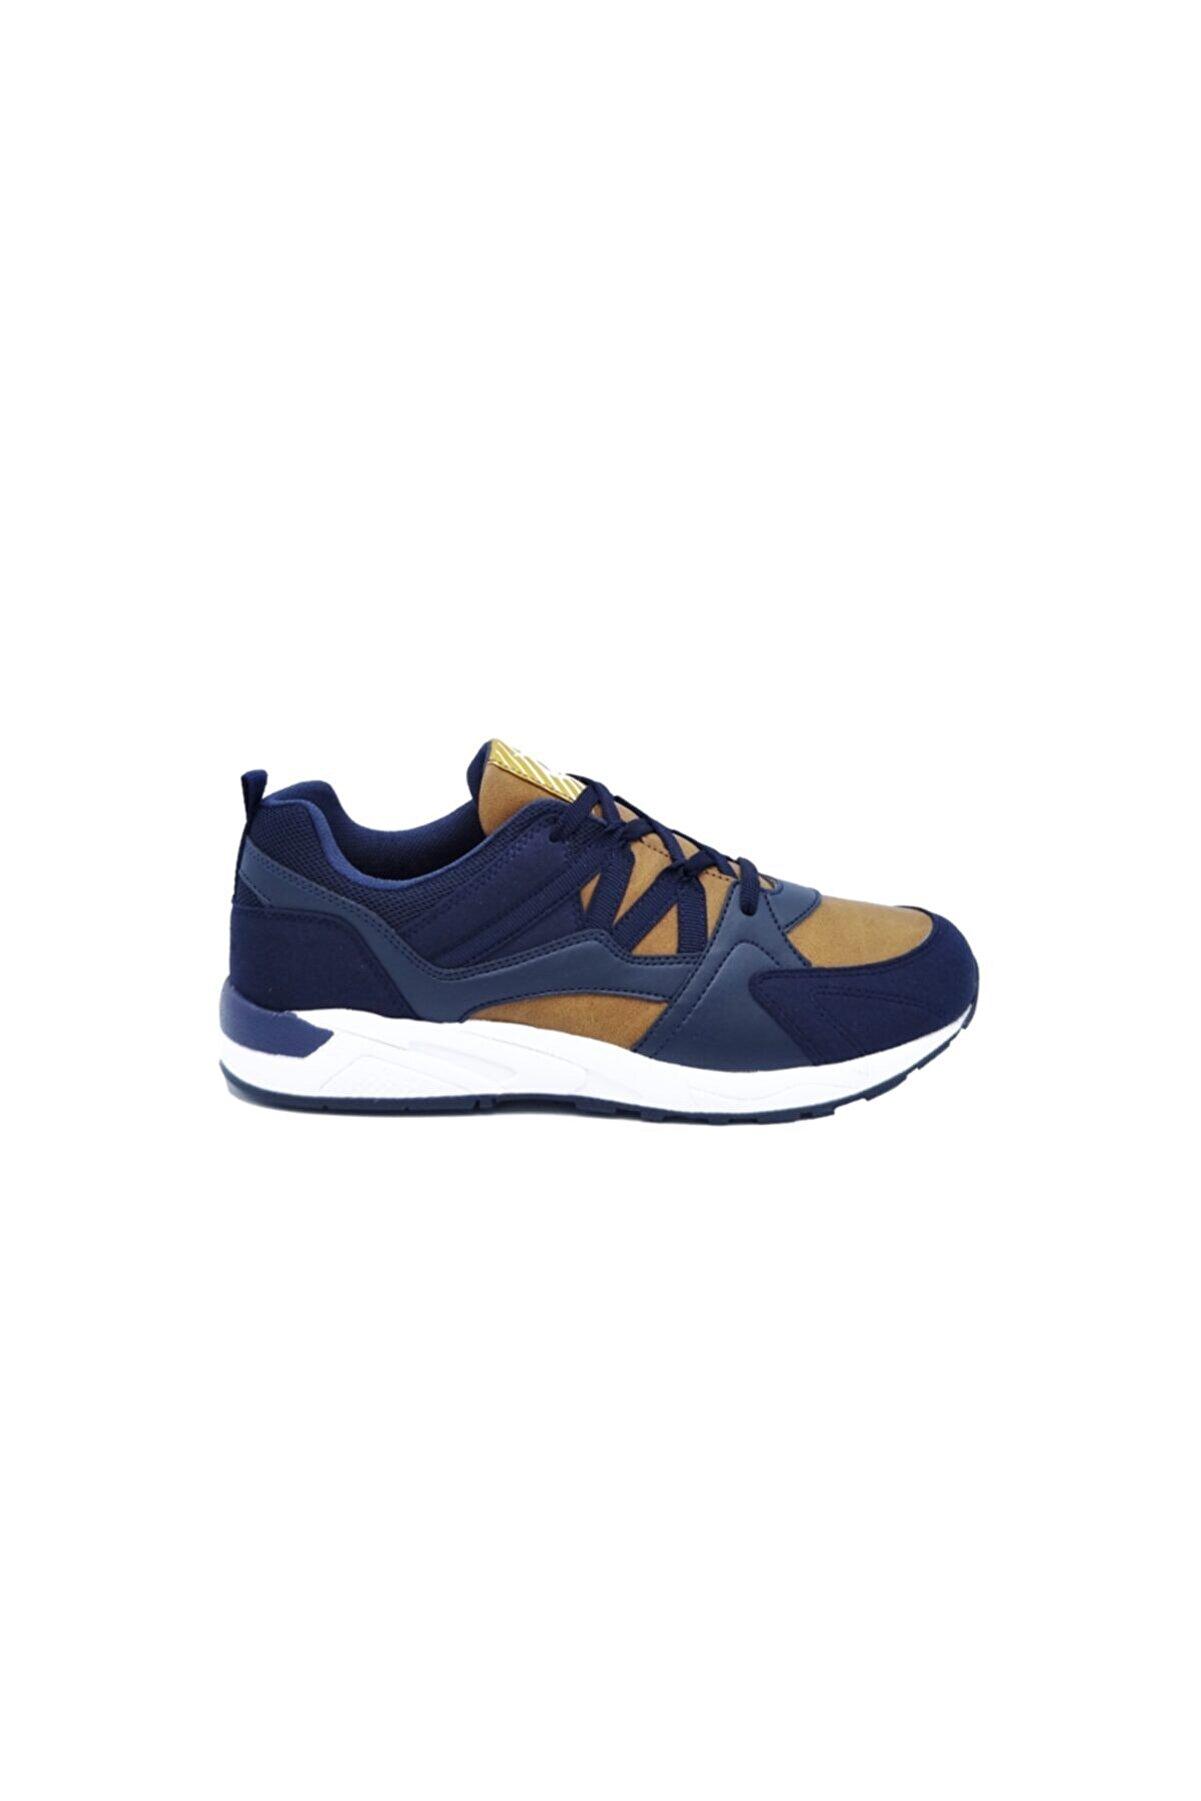 Dunlop Günlük Taba Lacivert Spor Ayakkabı 349622310-1